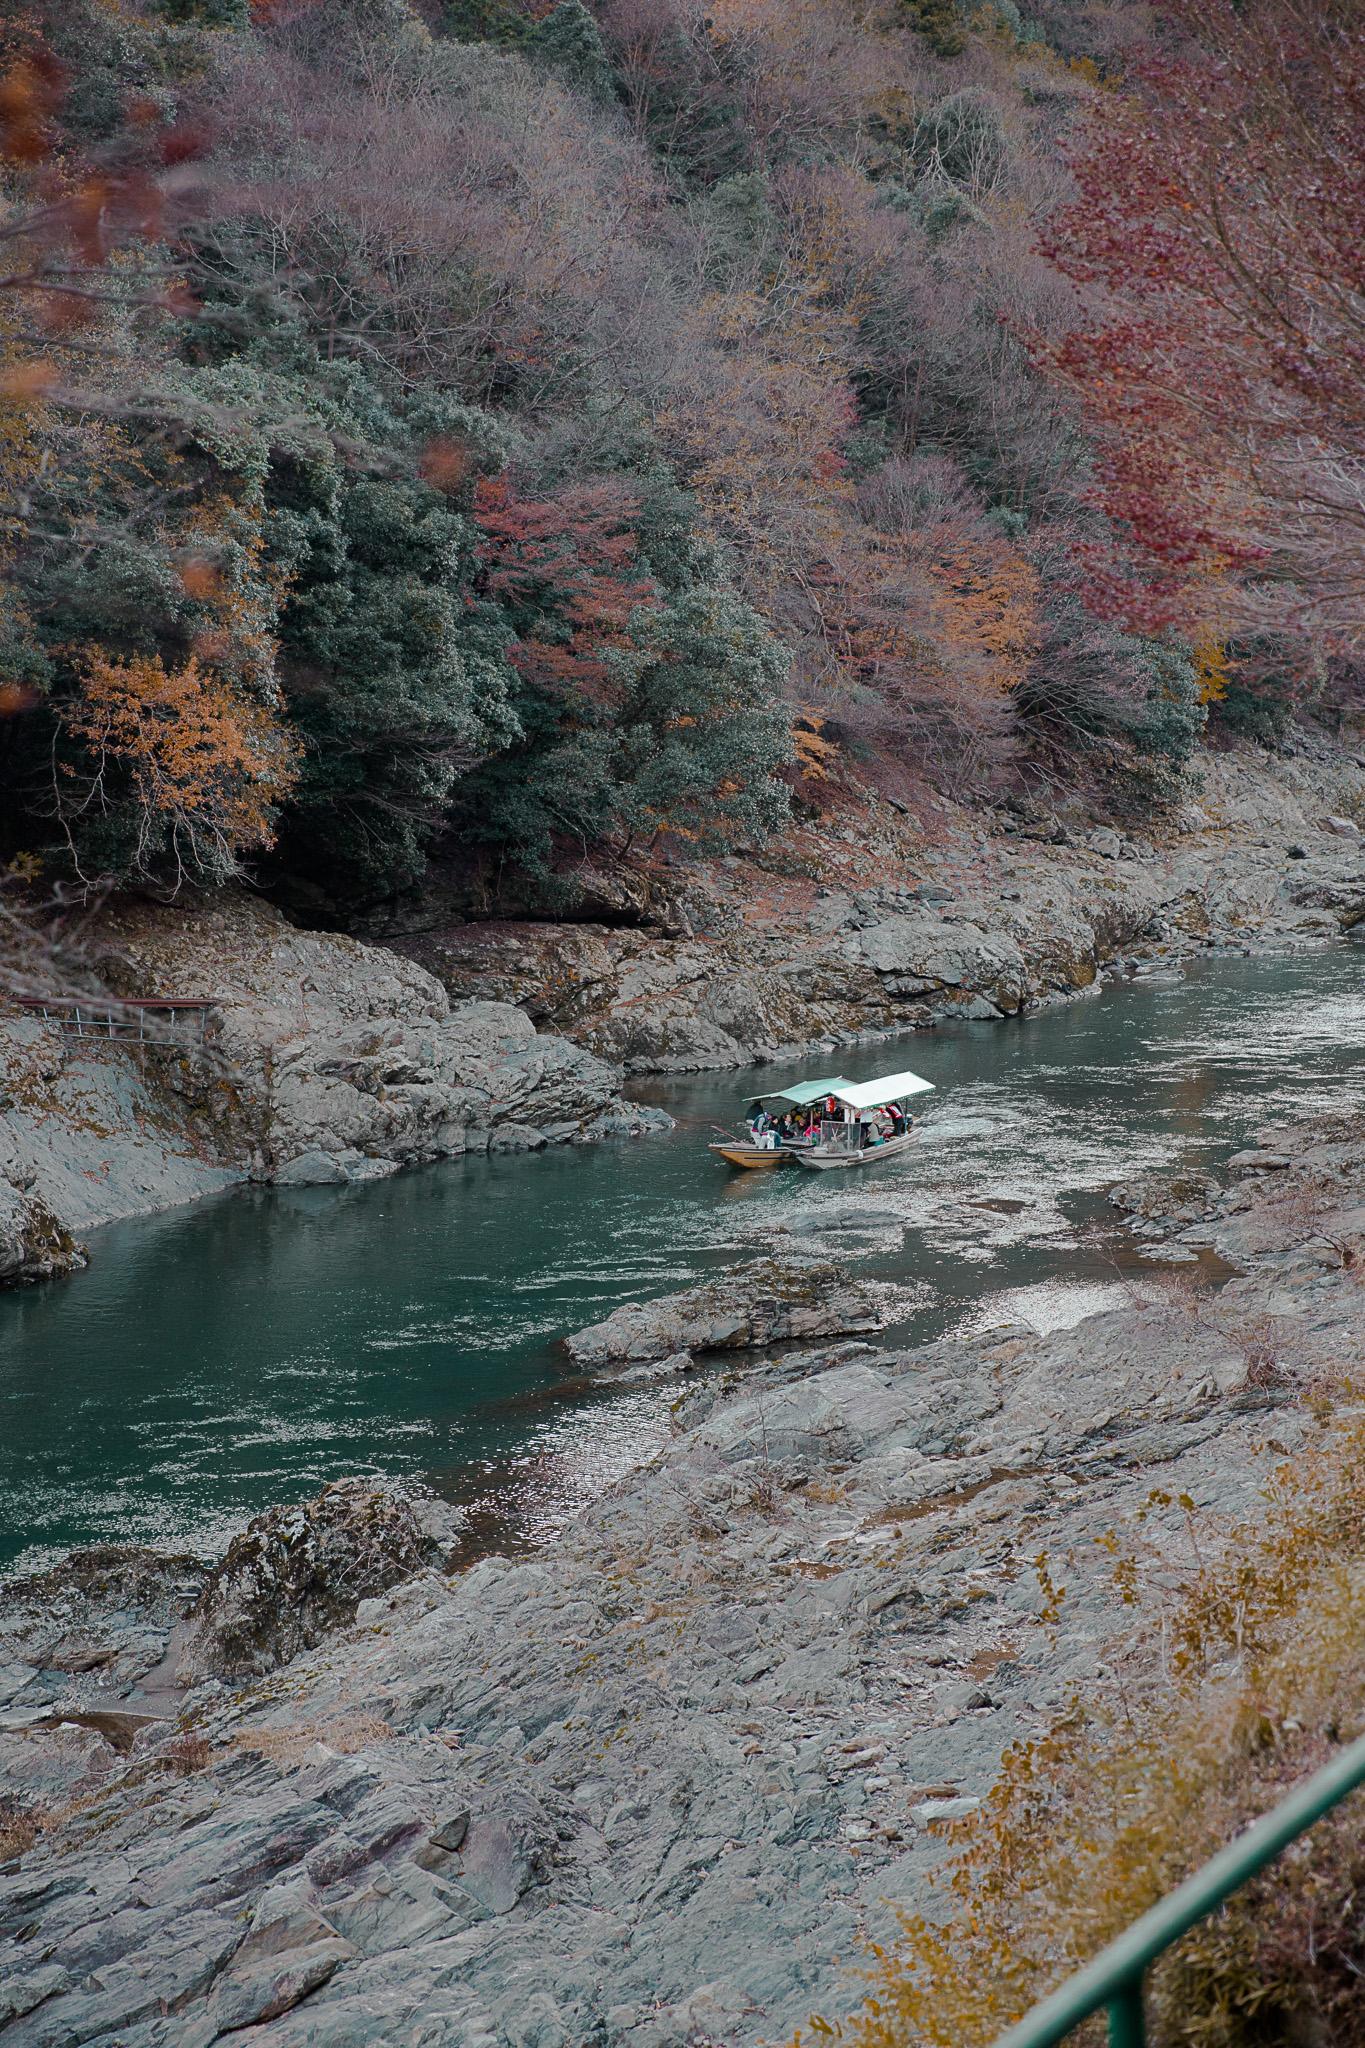 autumn-foliage-sagano-railway